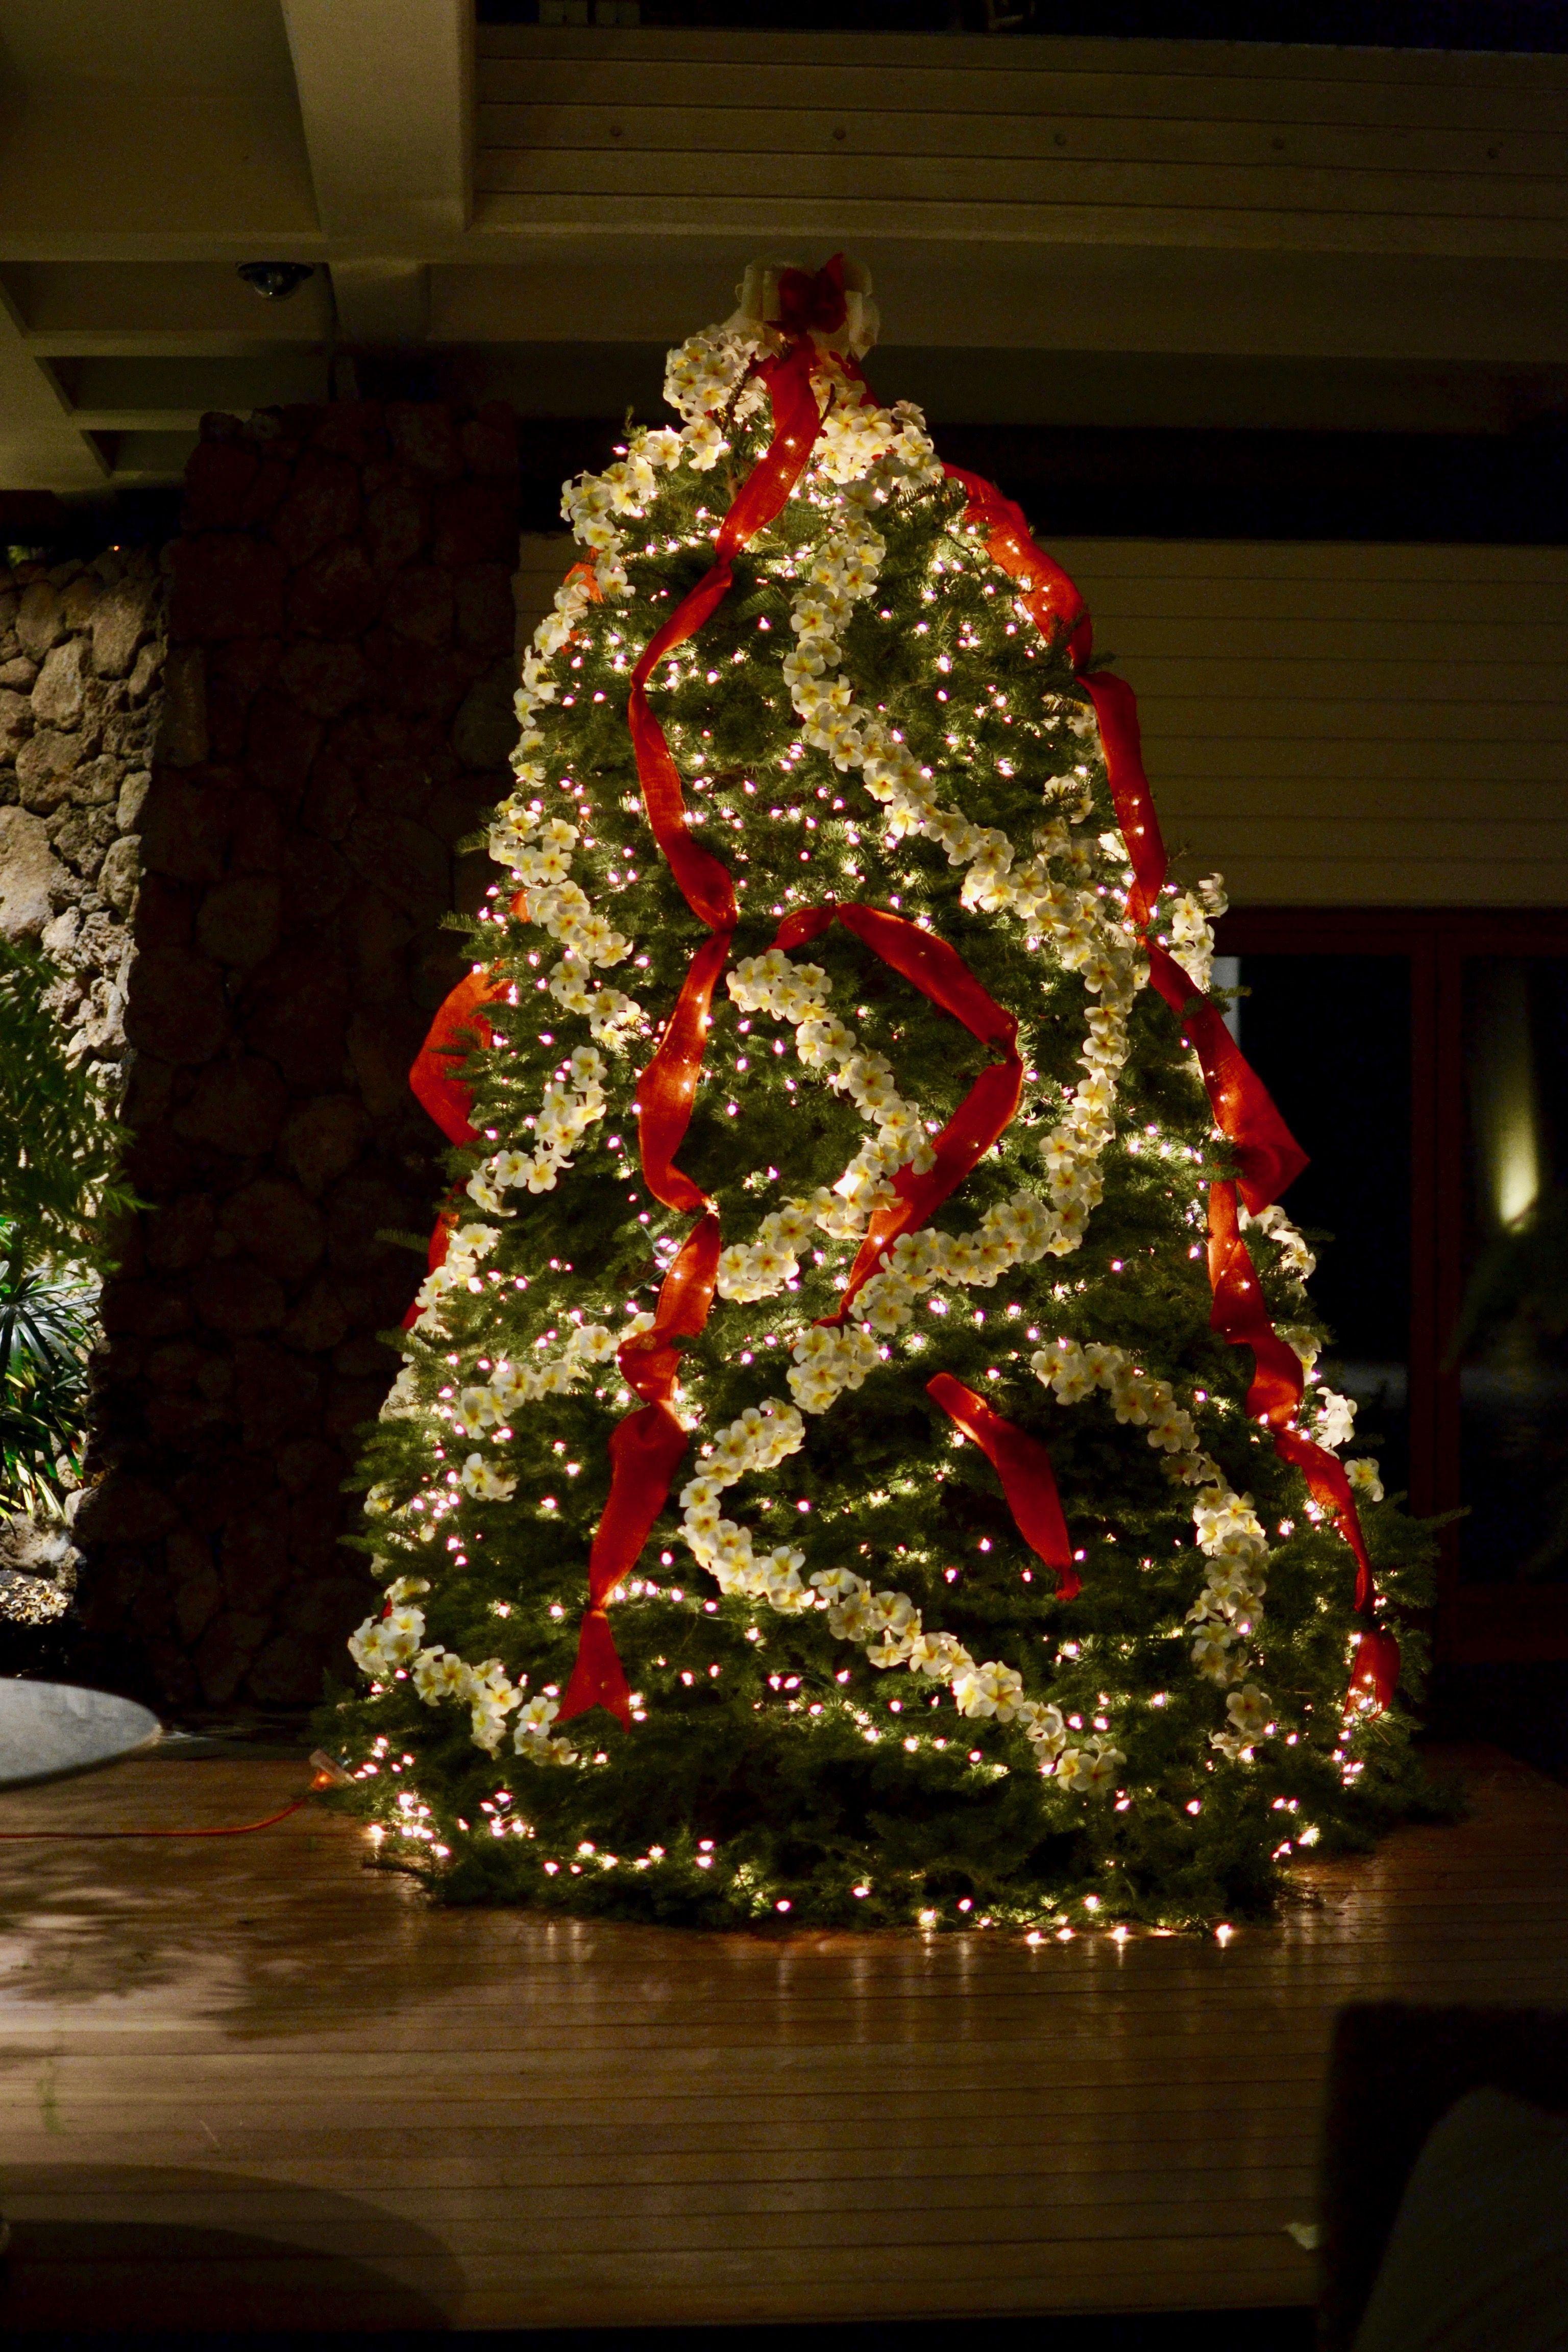 Mauna Kea Beach Hotel Plumeria Christmas Tree Kui I Florist Hilo Hawaii Kuiandiflorist